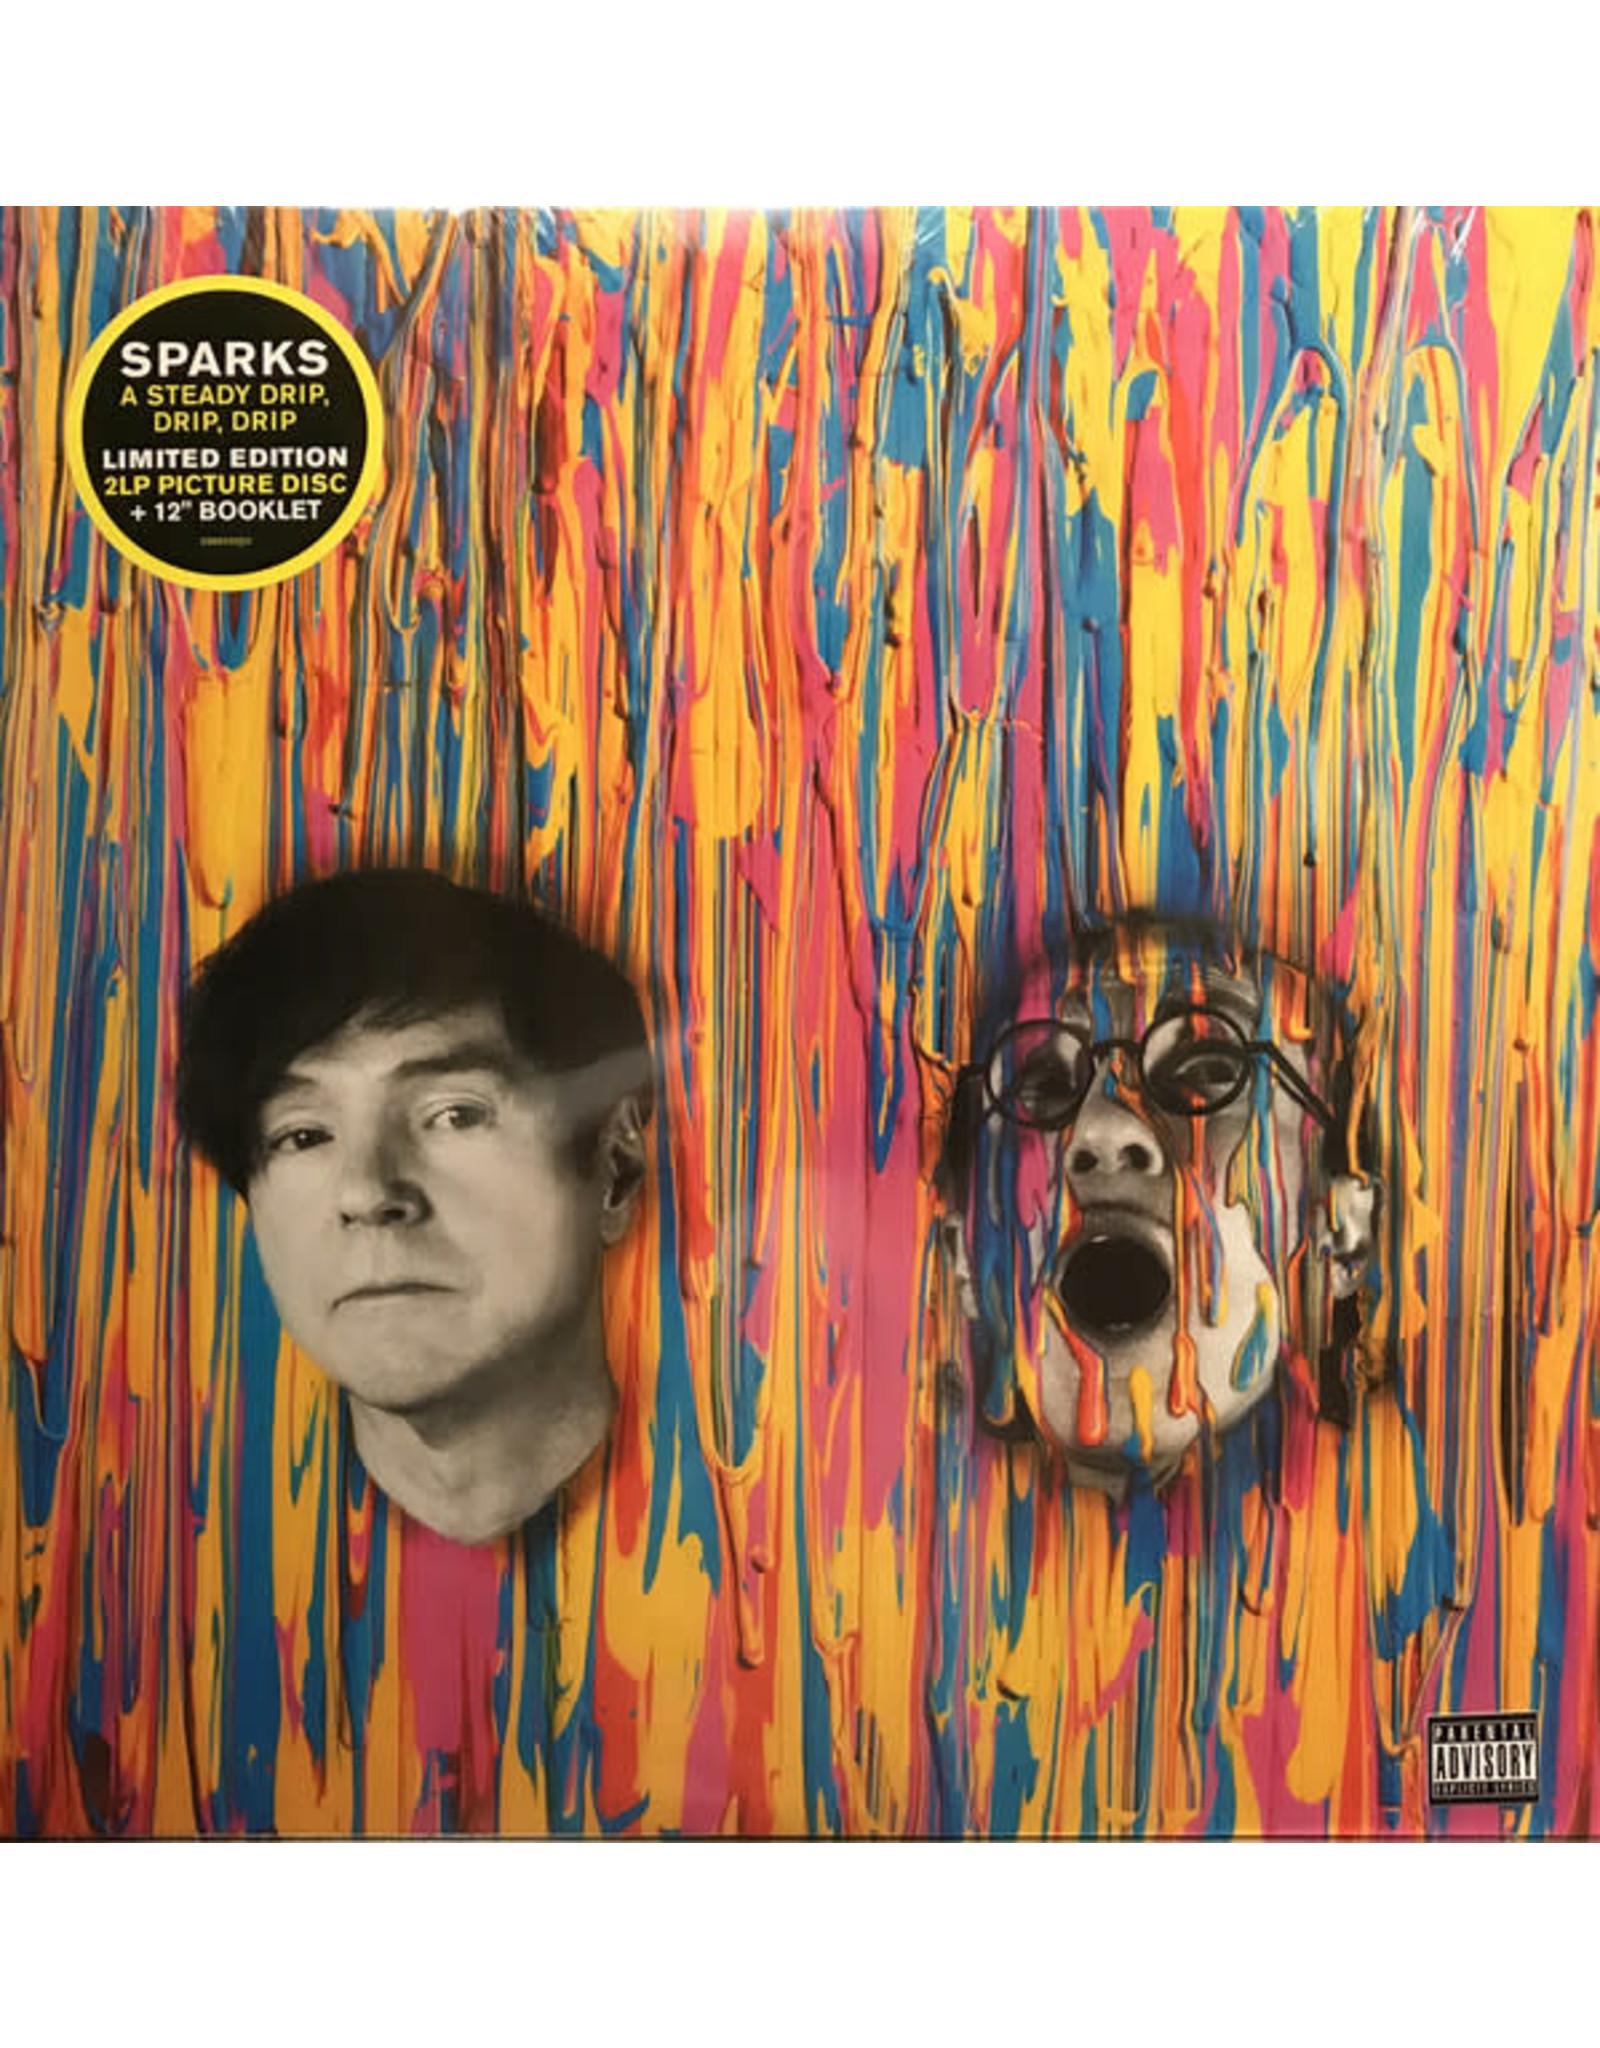 Sparks - A Steady Drip, Drip, Drip (Picture Disc) LP